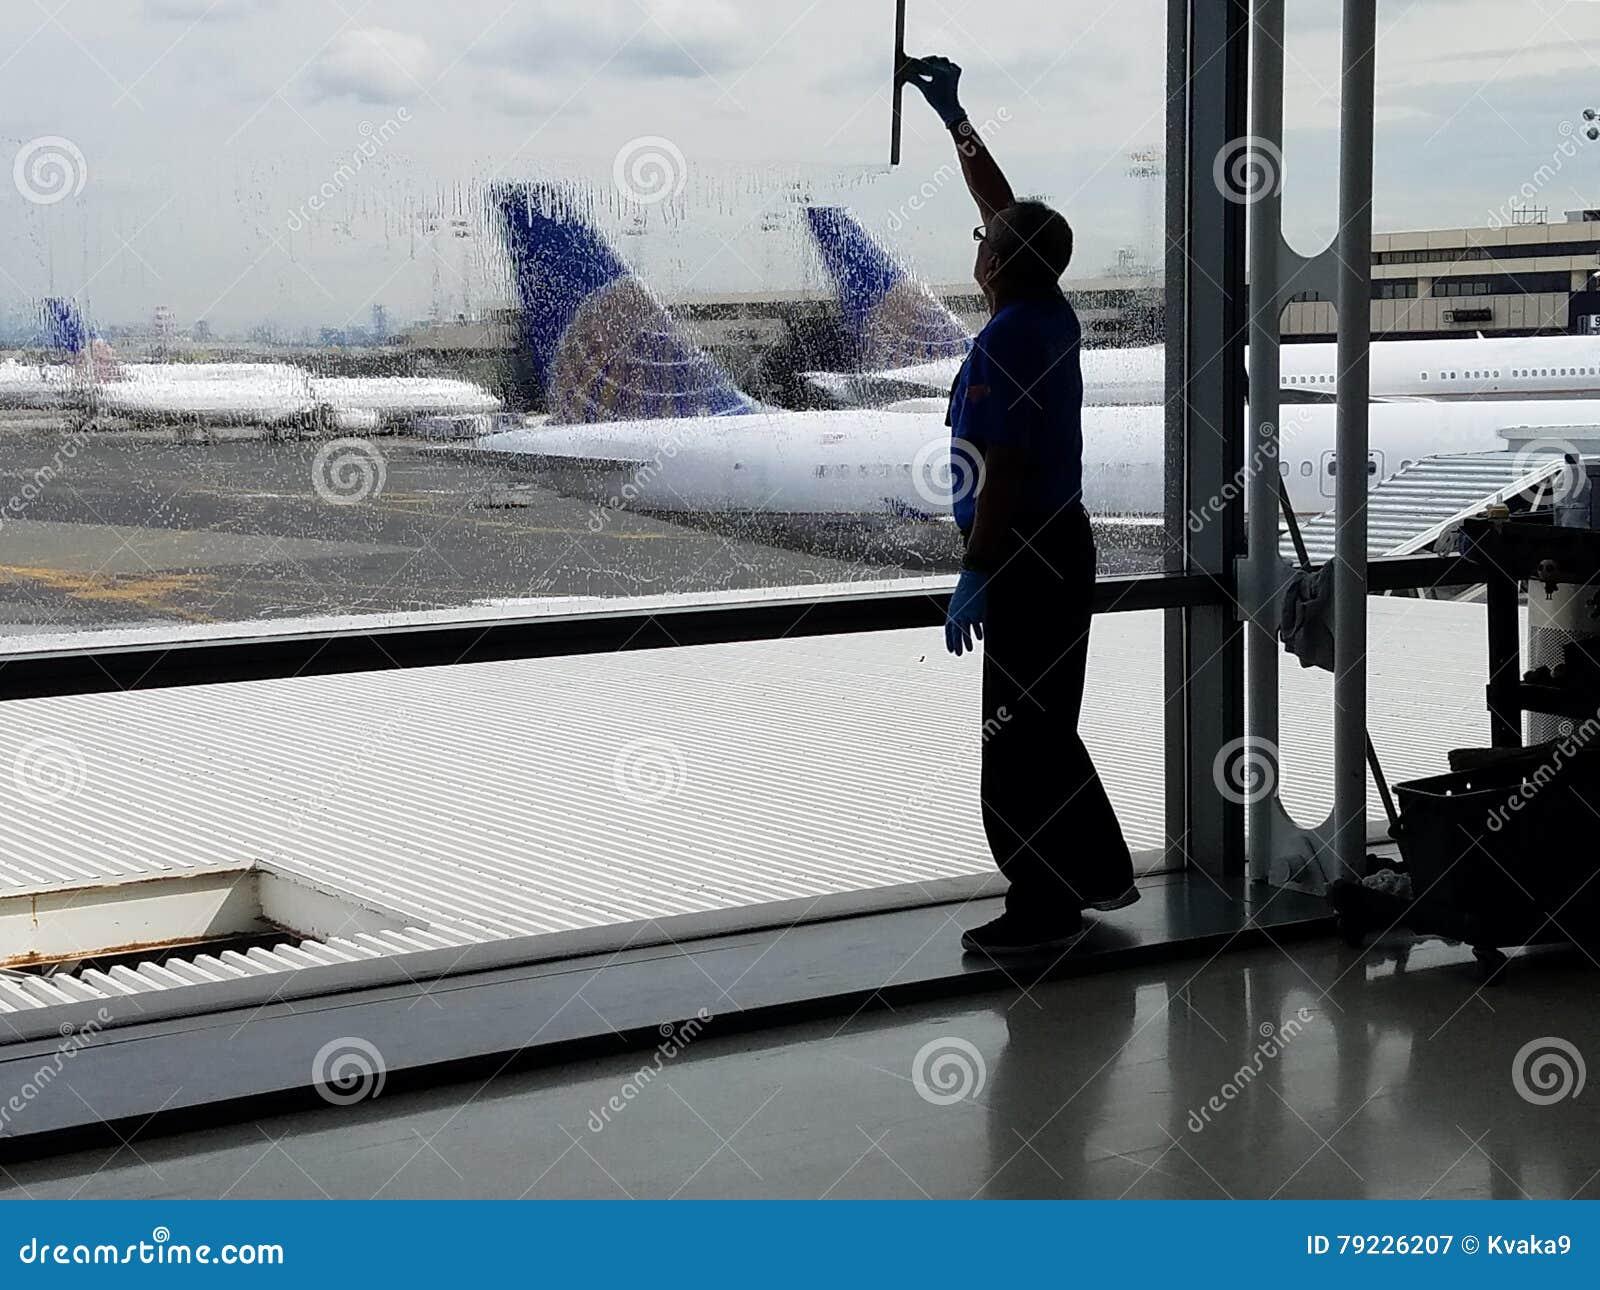 Βροχερές καθυστερήσεις ημέρας και πτήσης - καιρικές καθυστερήσεις αεροπλάνων